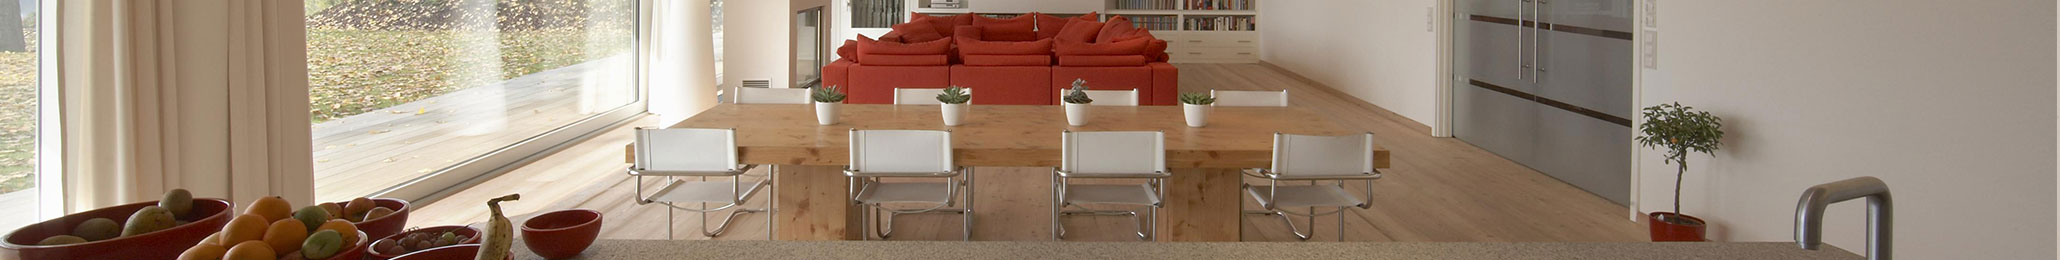 Küchen-, Wohn- & Essbereich - Raumkonzepte von KIEPPE klein oder groß wir machen mehr draus